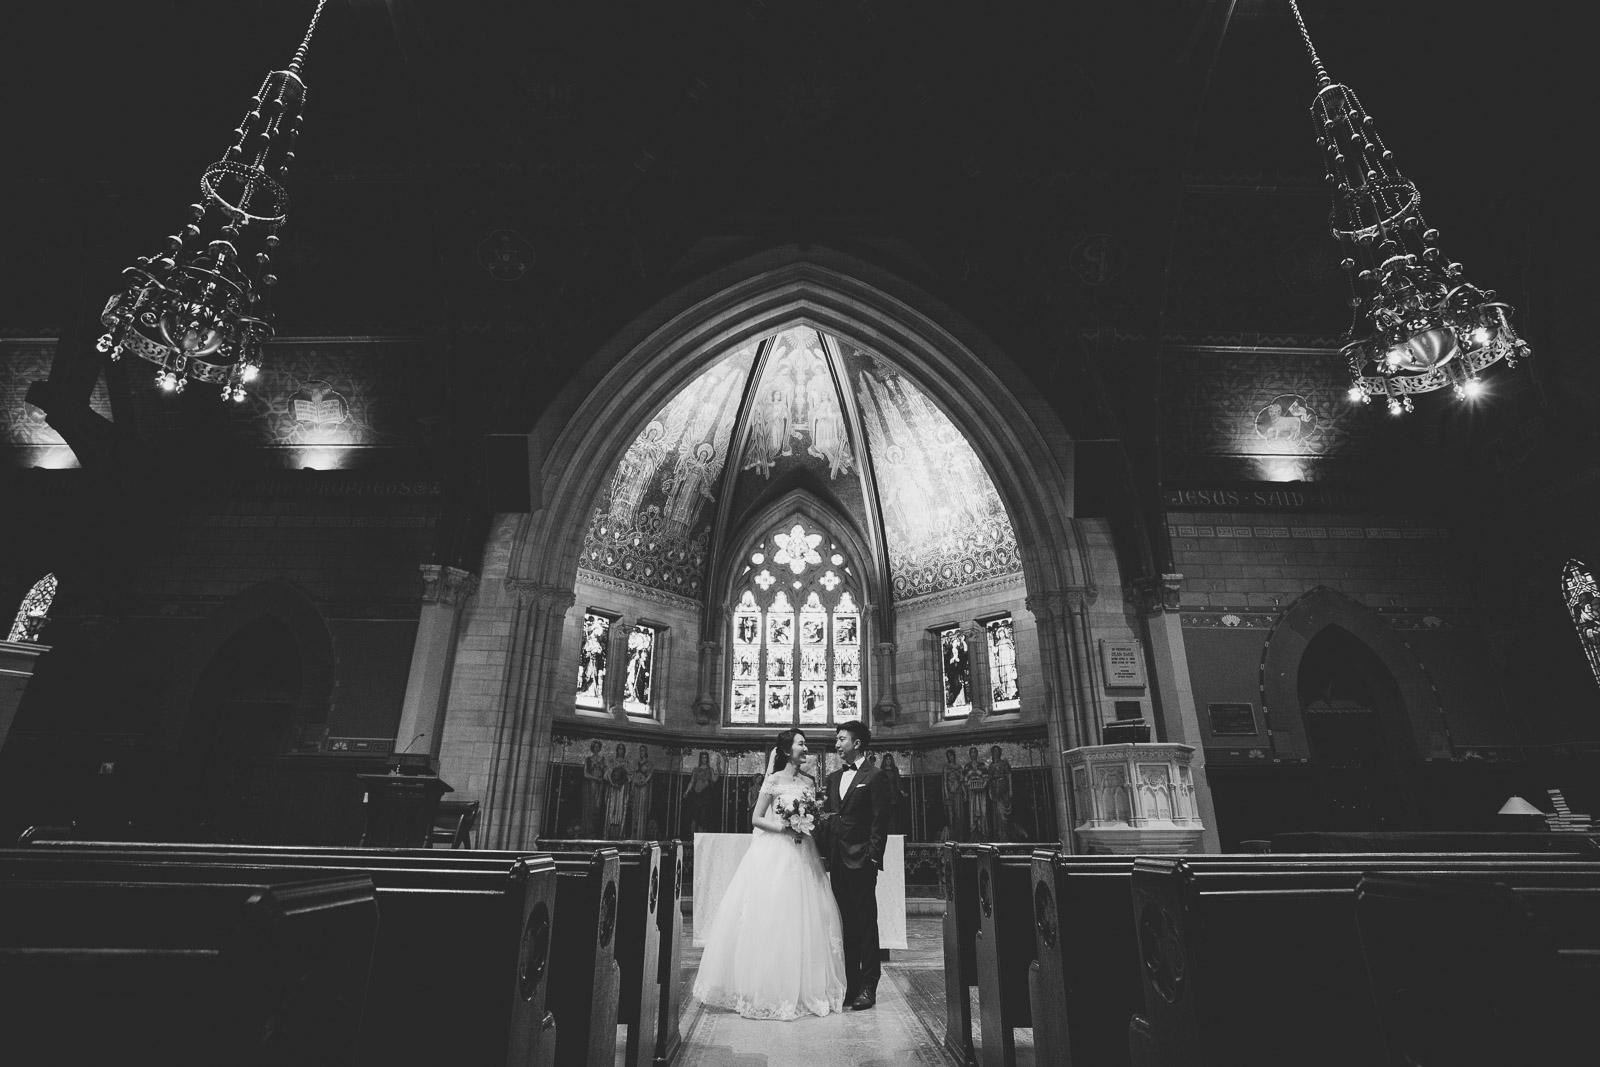 教堂婚紗_Church_photo